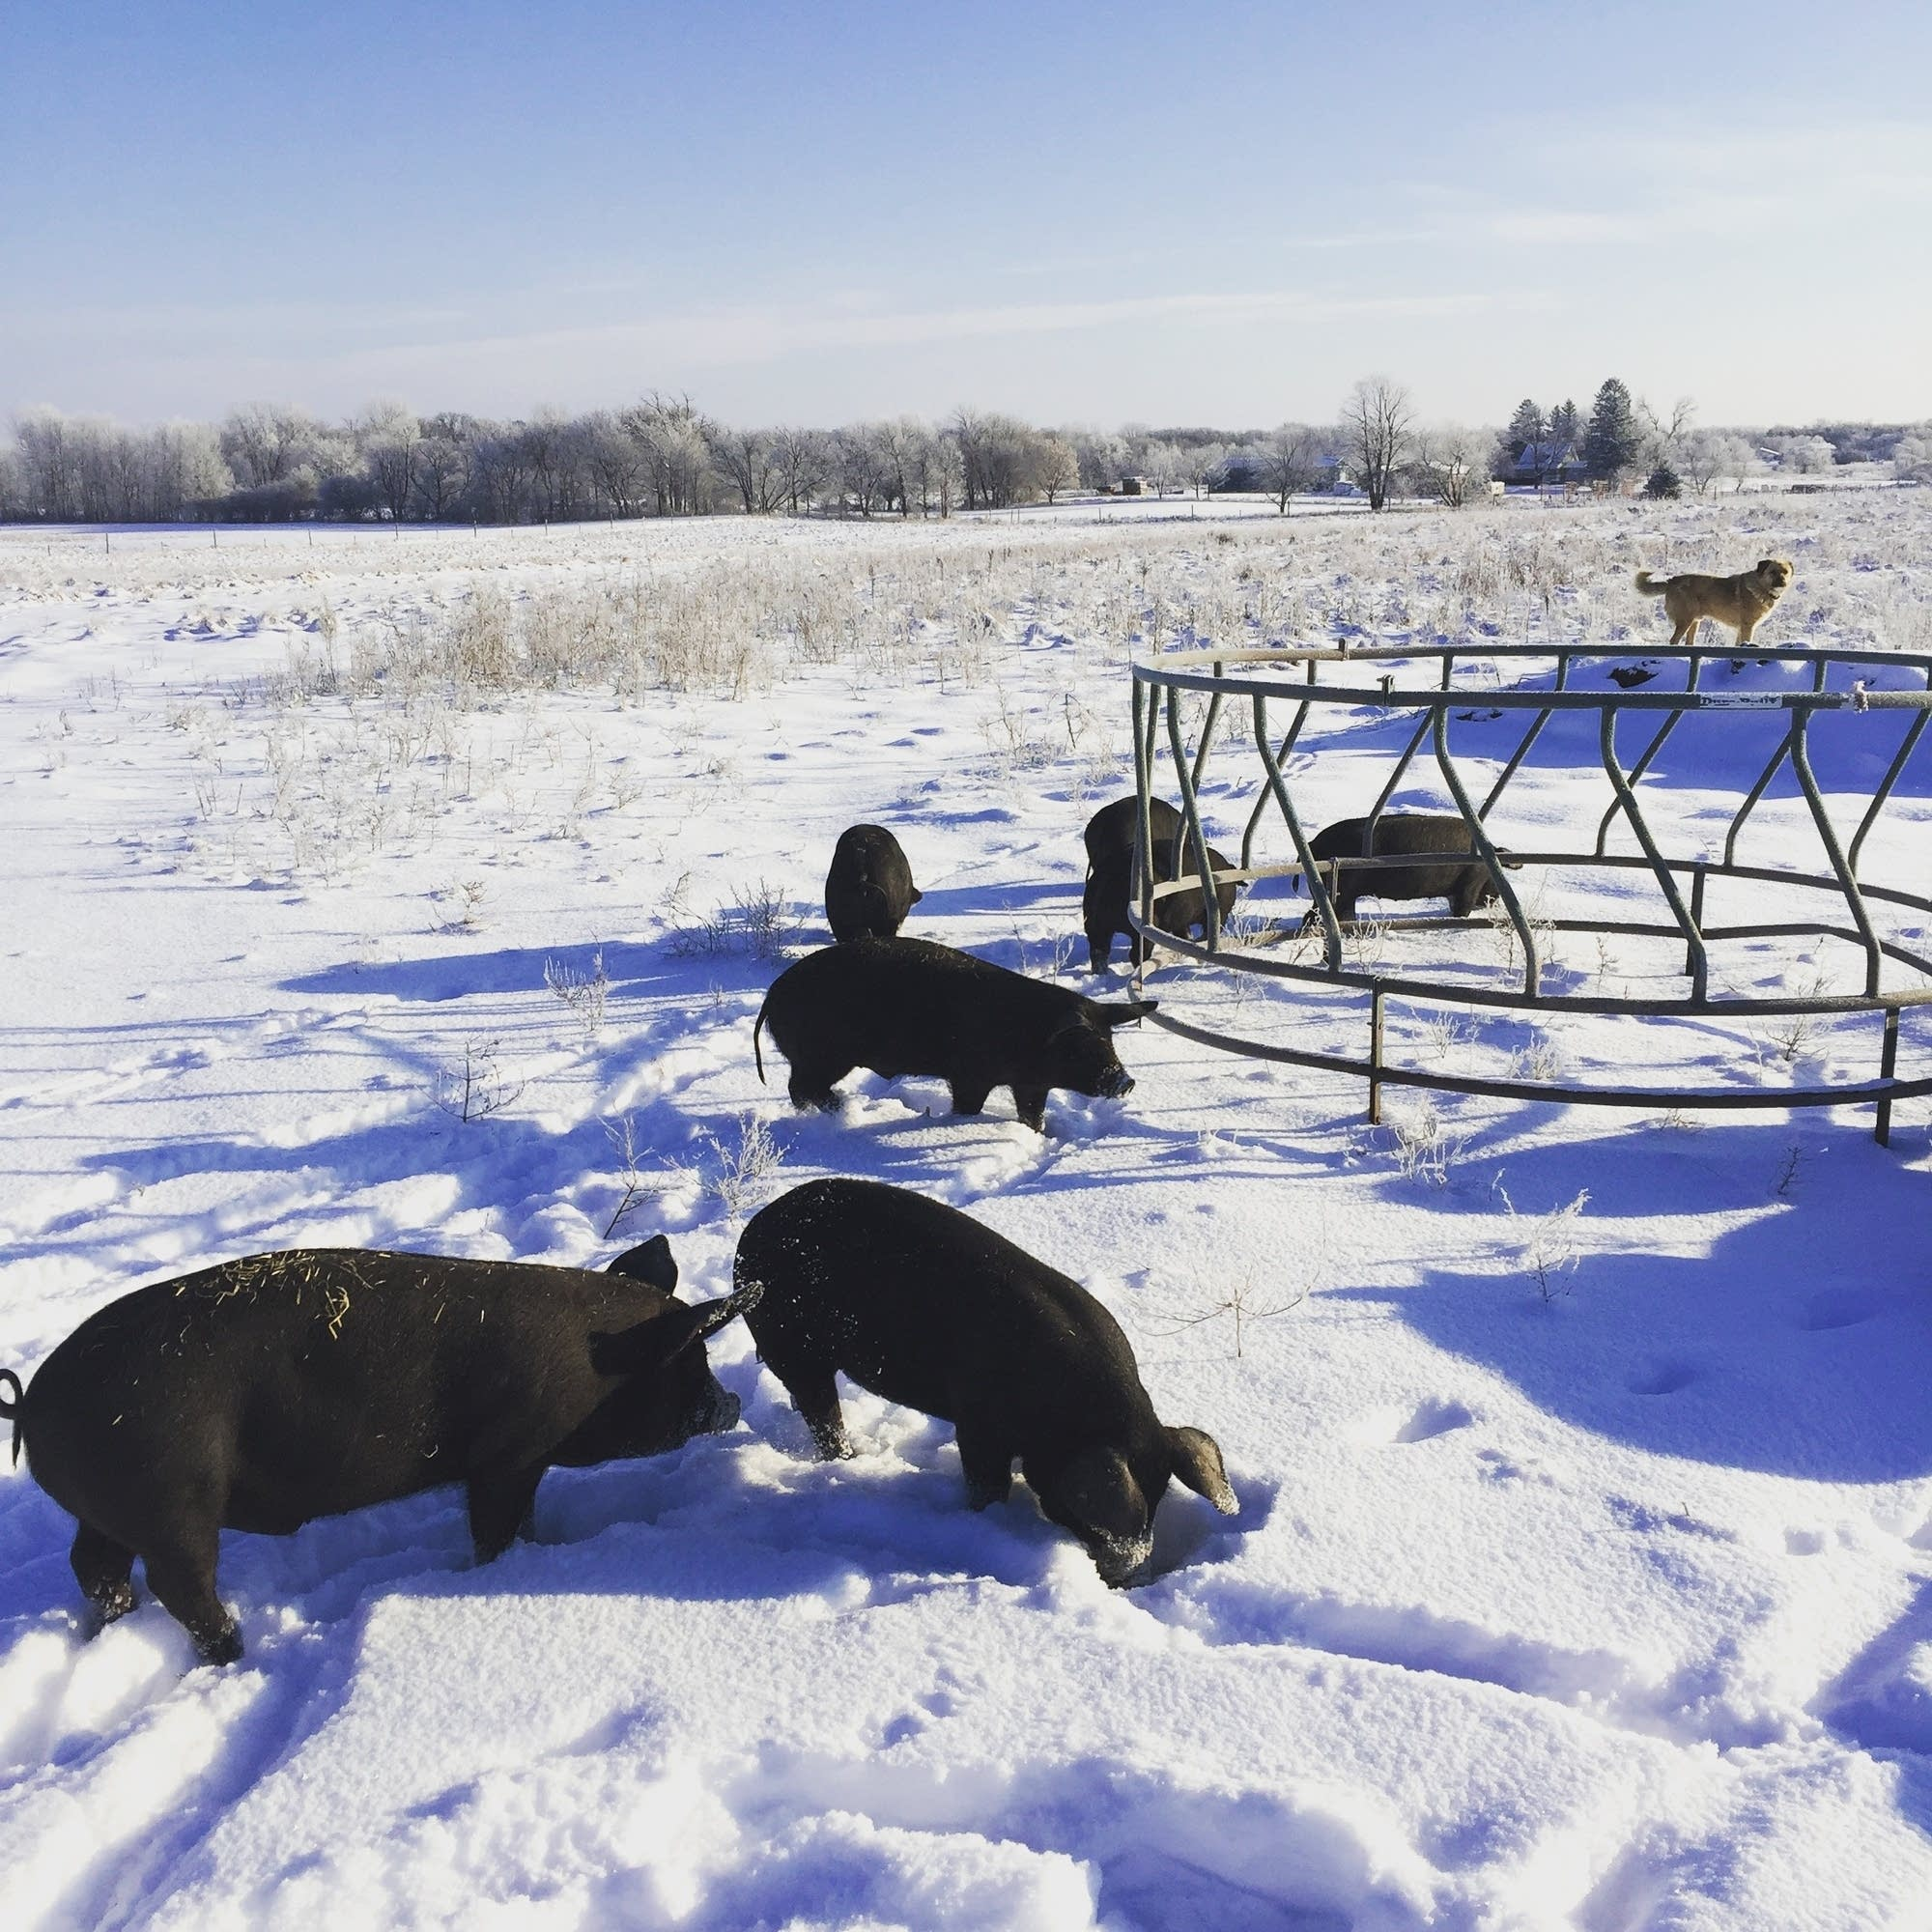 Outside on McCann's farm in winter.